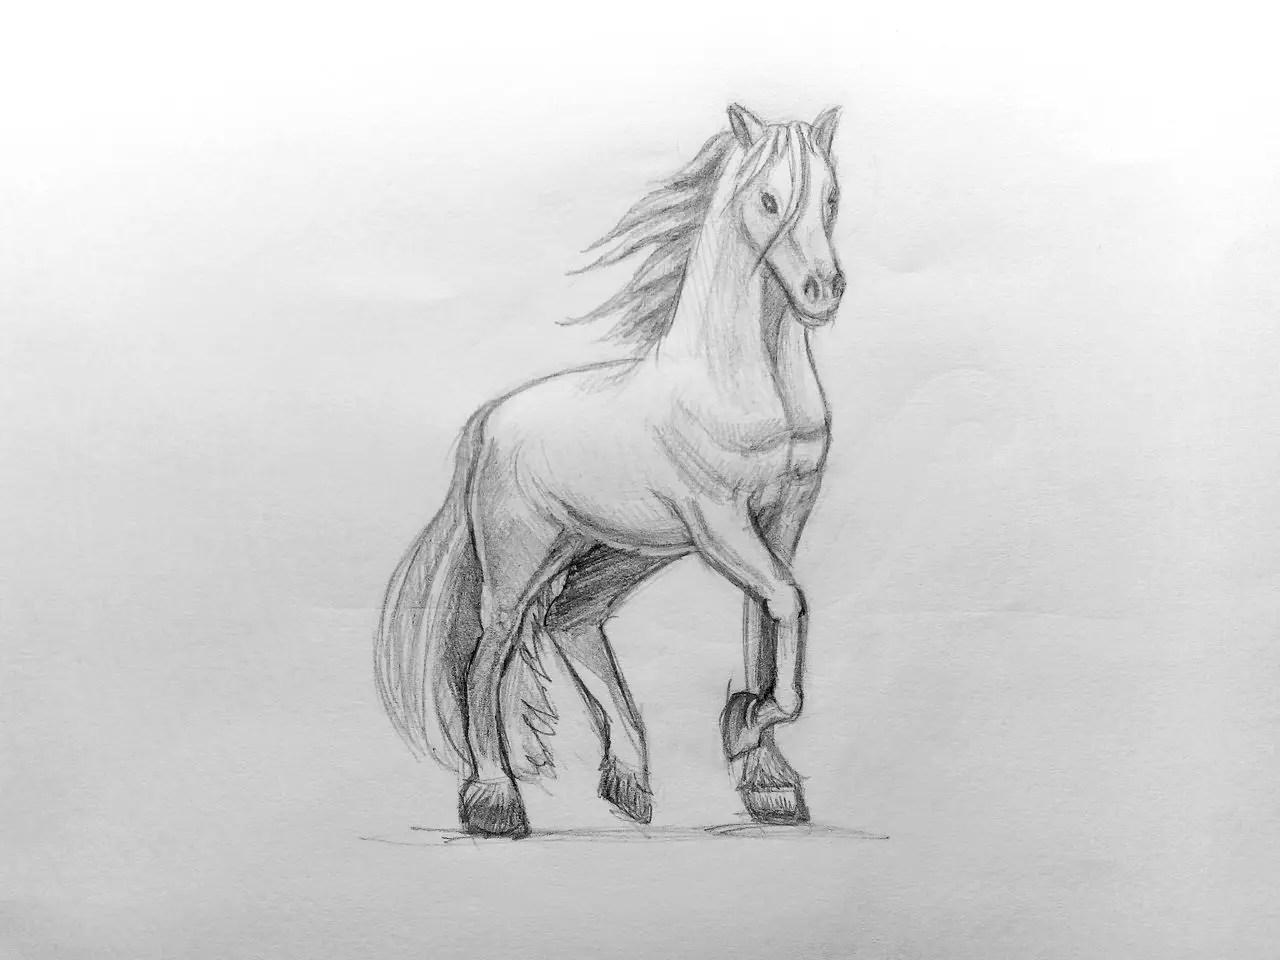 Как нарисовать лошадь карандашом? Поэтапный урок. Шаг 17. Портреты карандашом - Fenlin.ru